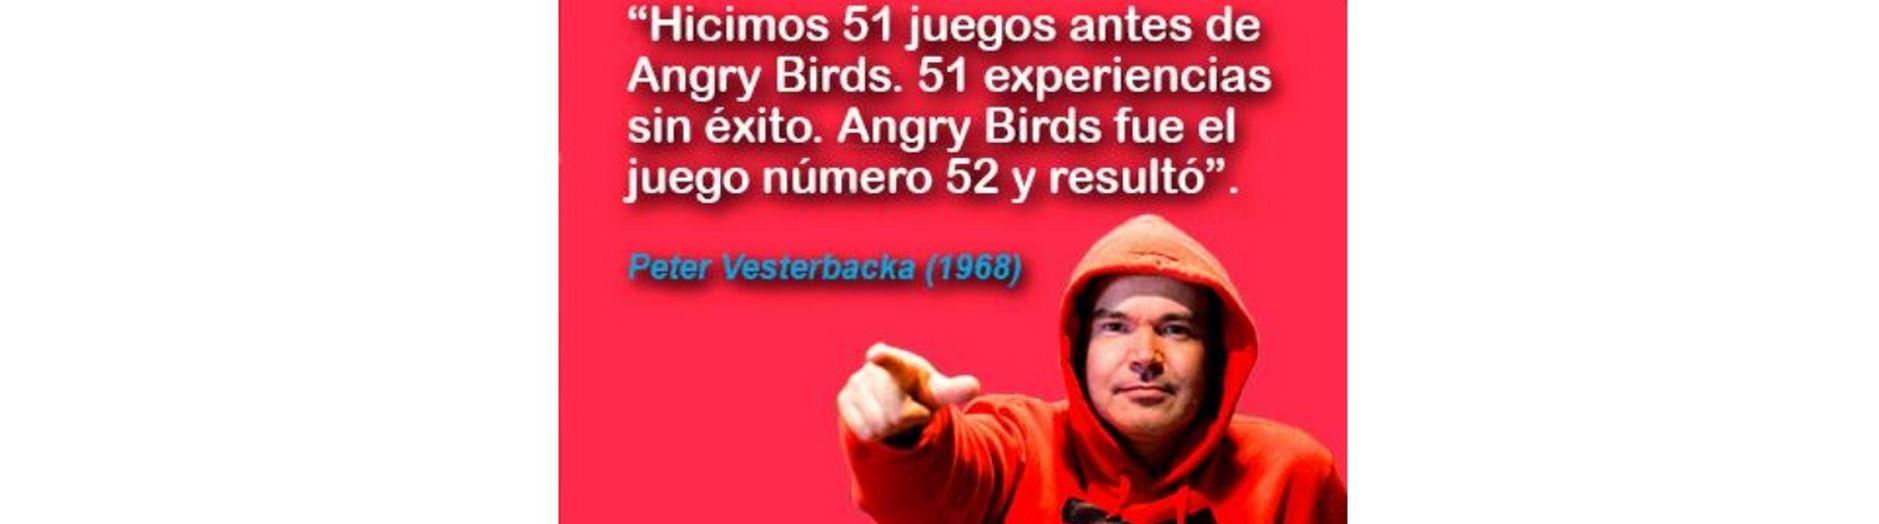 Angry Birds Rovio Innovación